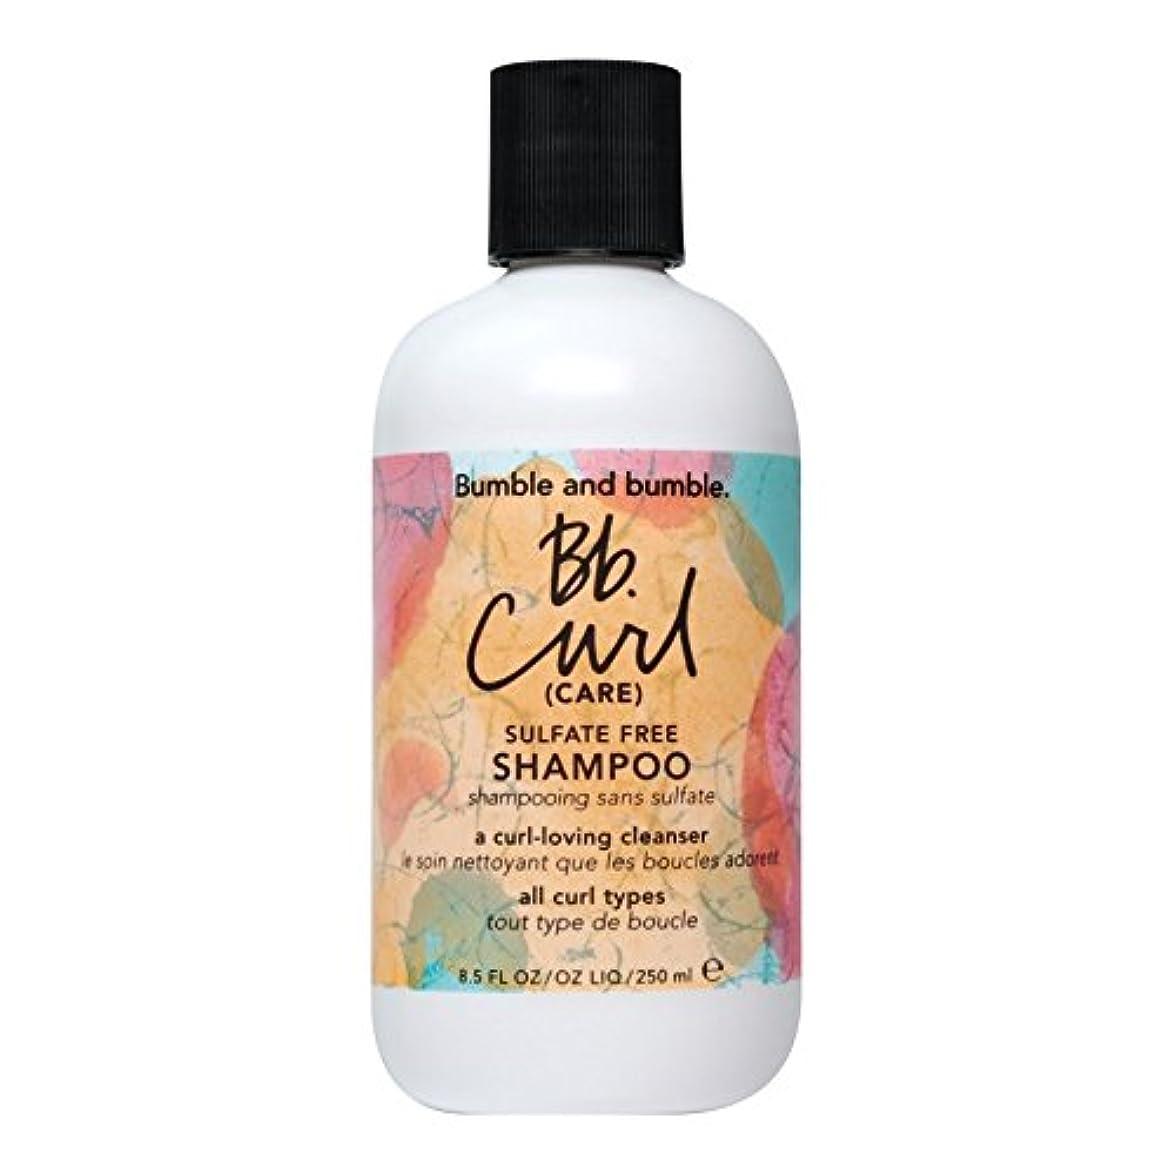 ワットスケート学校教育Bumble and Bumble Curl Shampoo 250ml (Pack of 6) - カールシャンプー250をバンブルアンドバンブル x6 [並行輸入品]